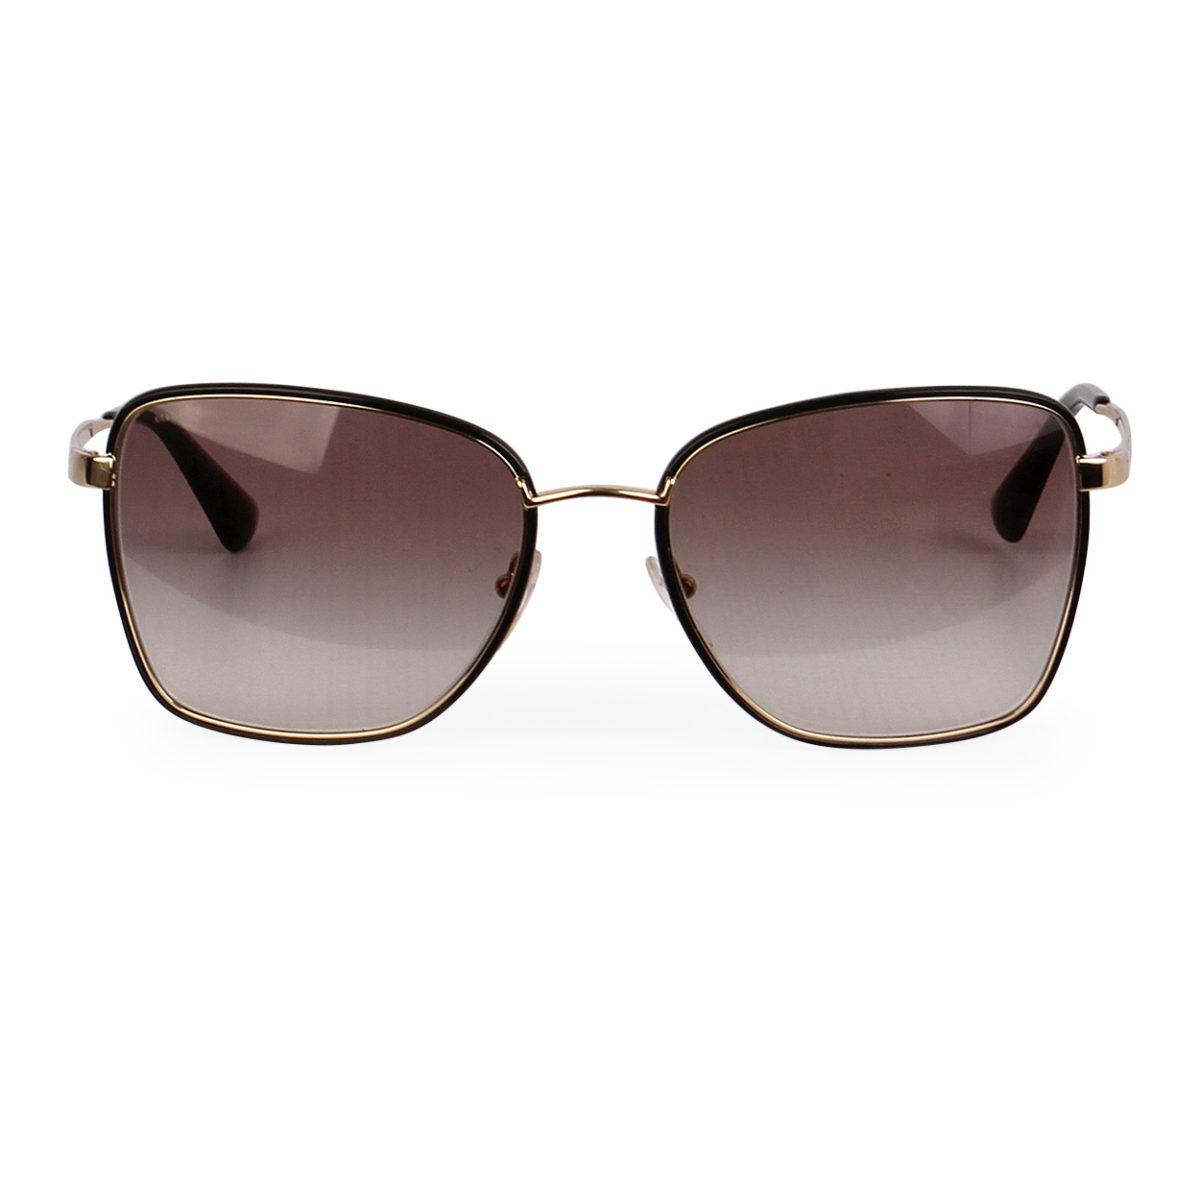 851ca987c9f1f PRADA Tortoise Sunglasses SPR 52S Black